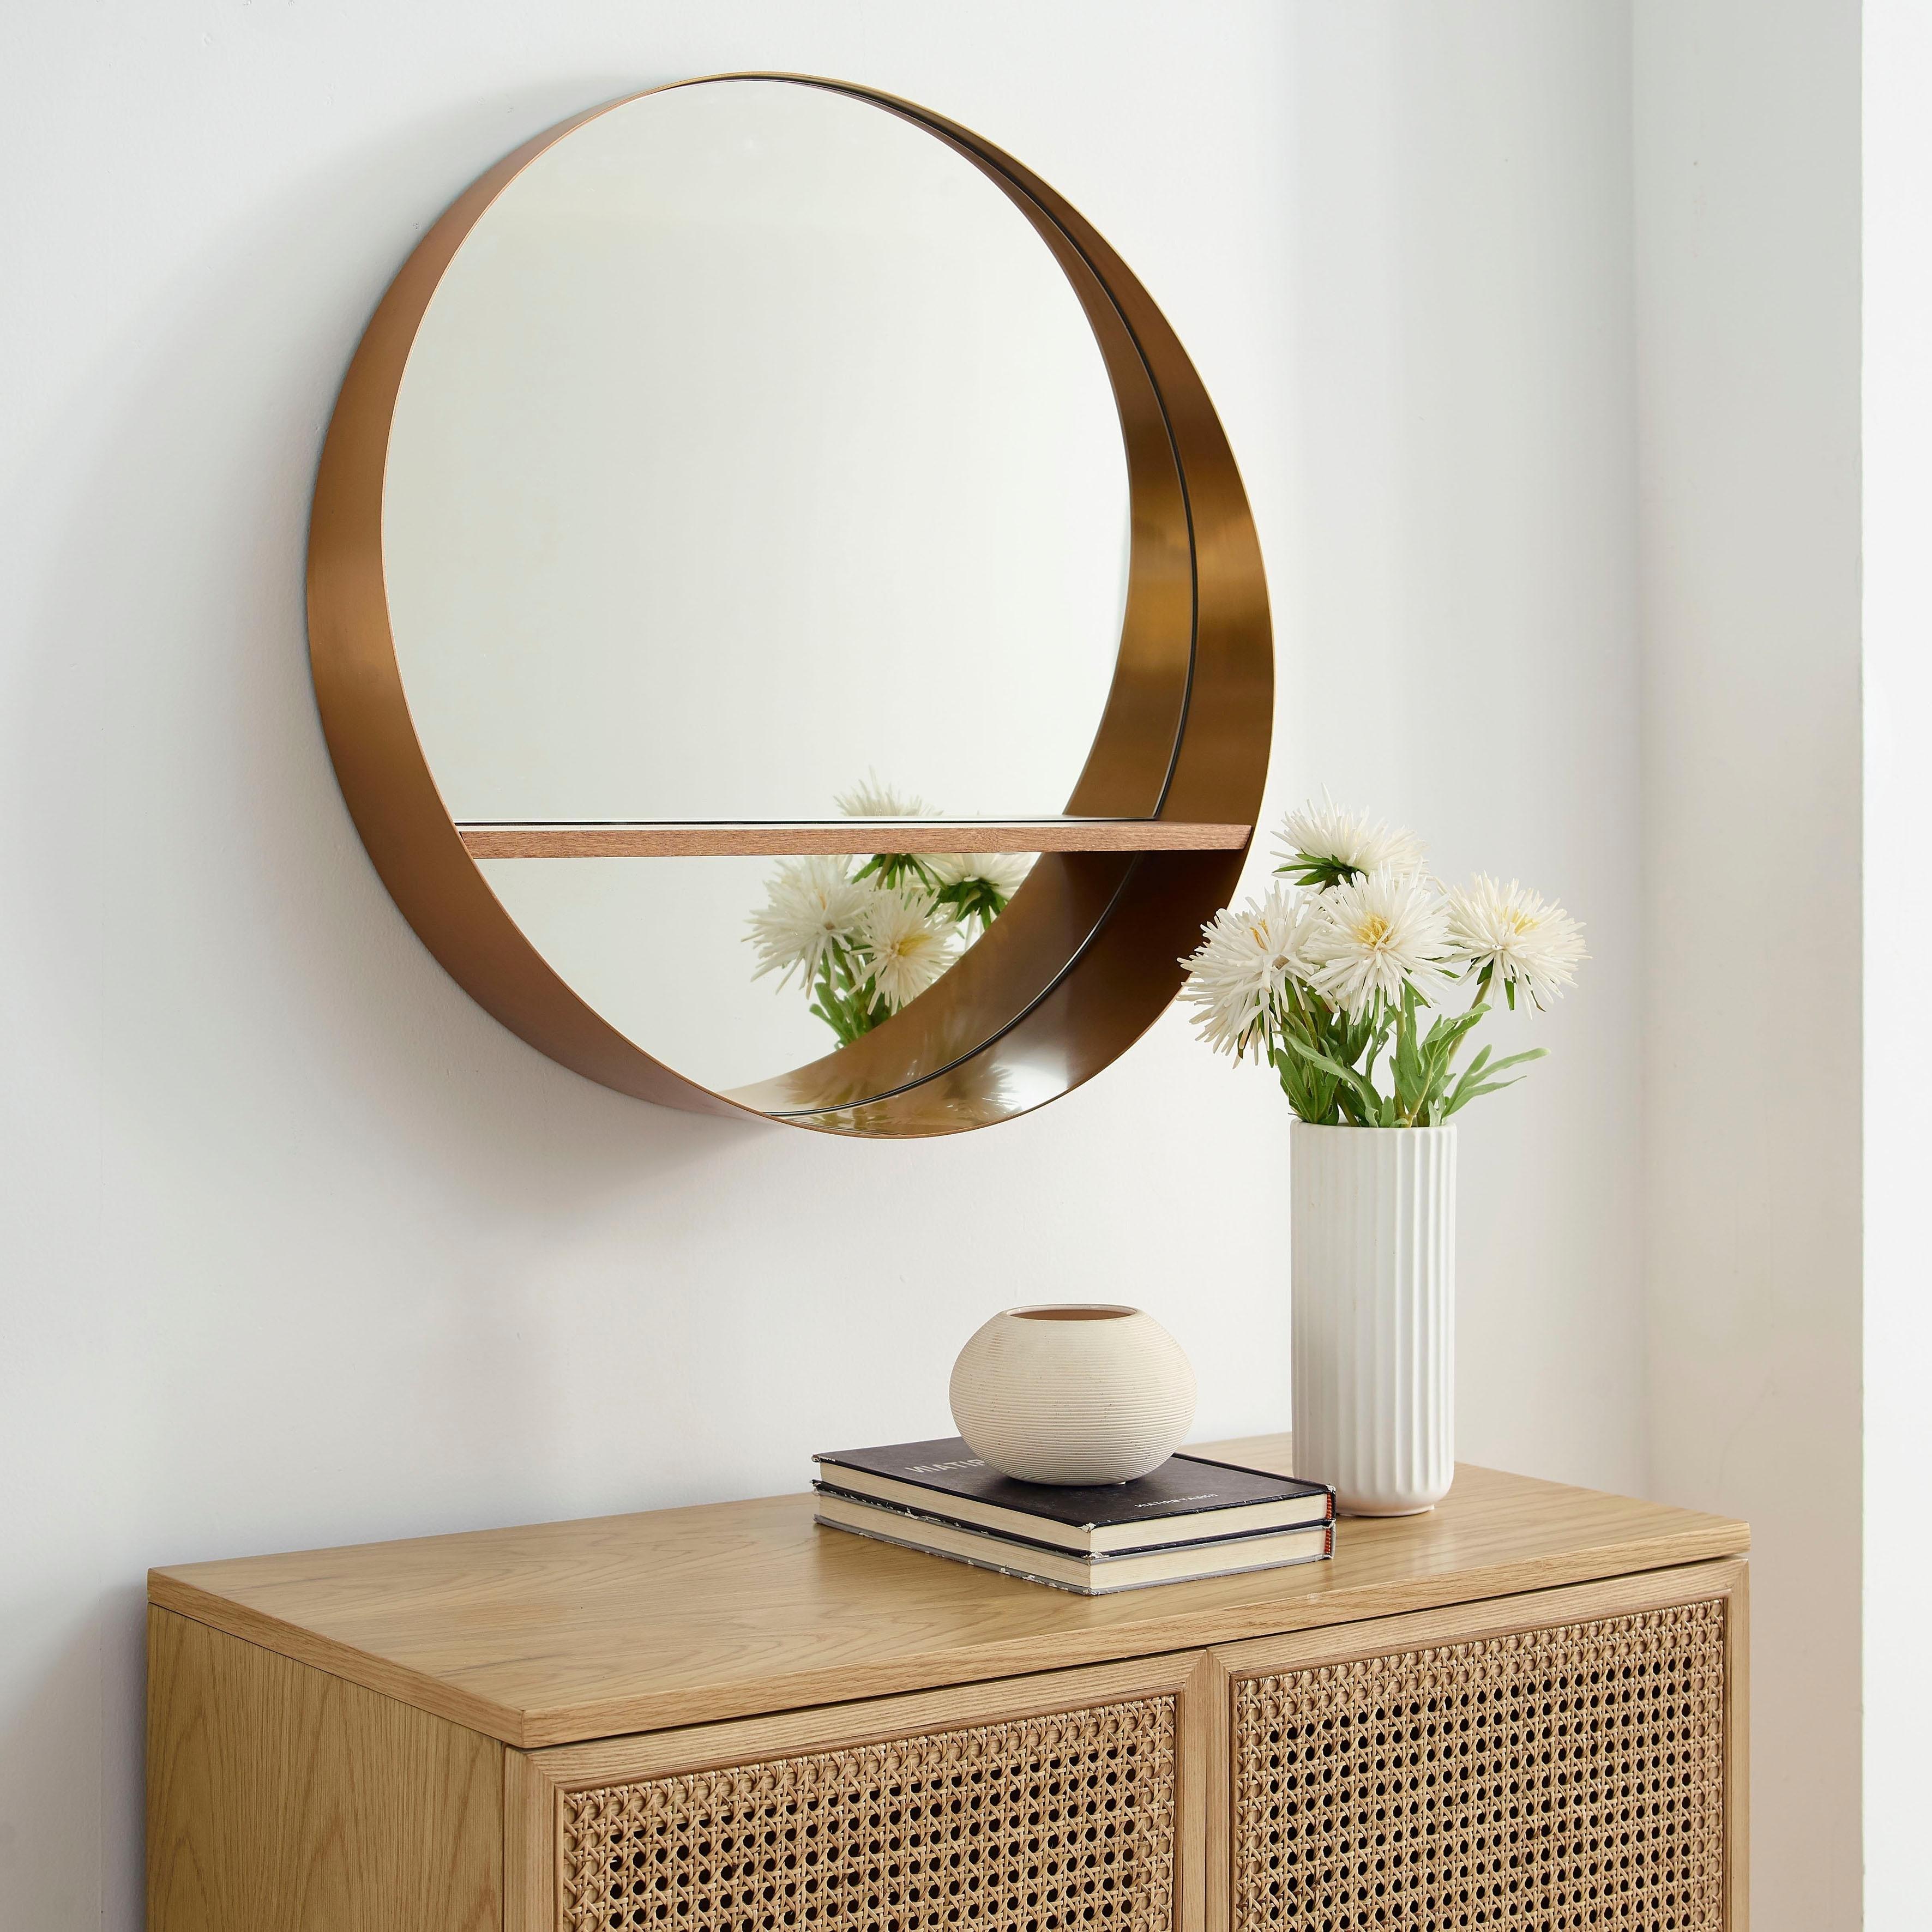 COUCH♥ spiegel »Doorzichtig glas« nu online kopen bij OTTO